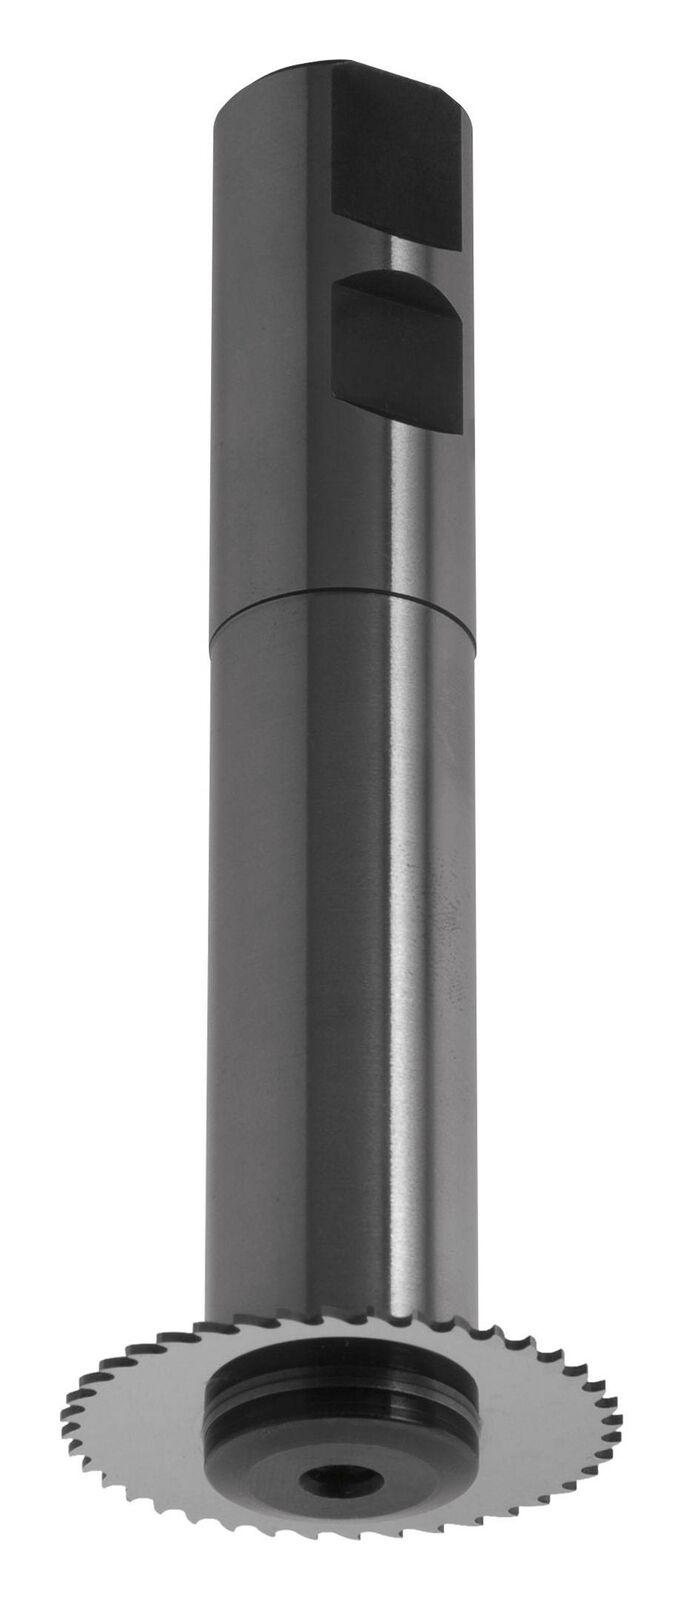 Tschorn Sägeblattaufnahme D1835B D 25 x 8 mm - 00S2025